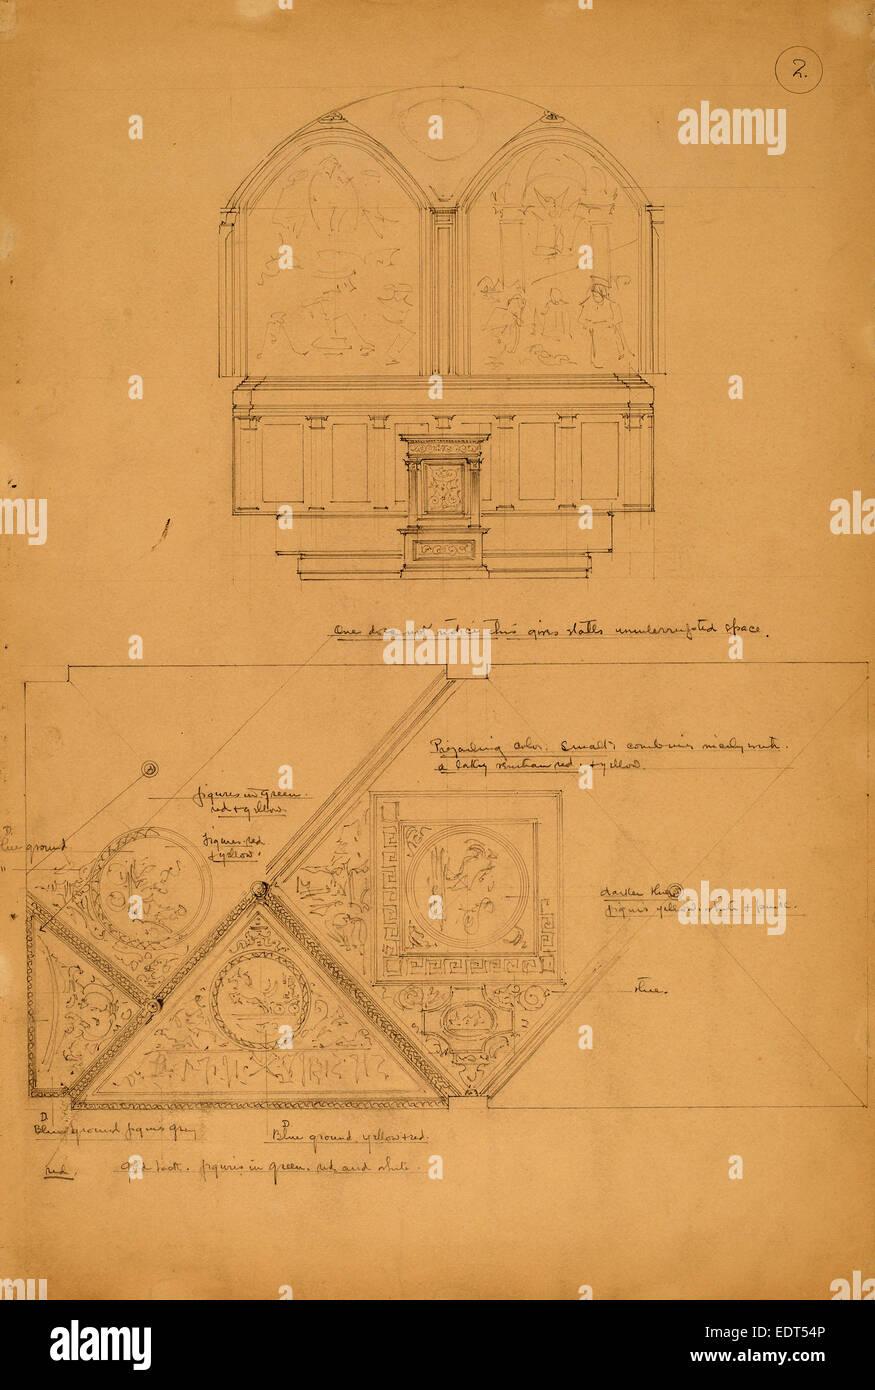 John Russell Pope, Estudio de un retablo y los paneles del techo, Americana, 1874 - 1937, d. 1896, grafito Imagen De Stock